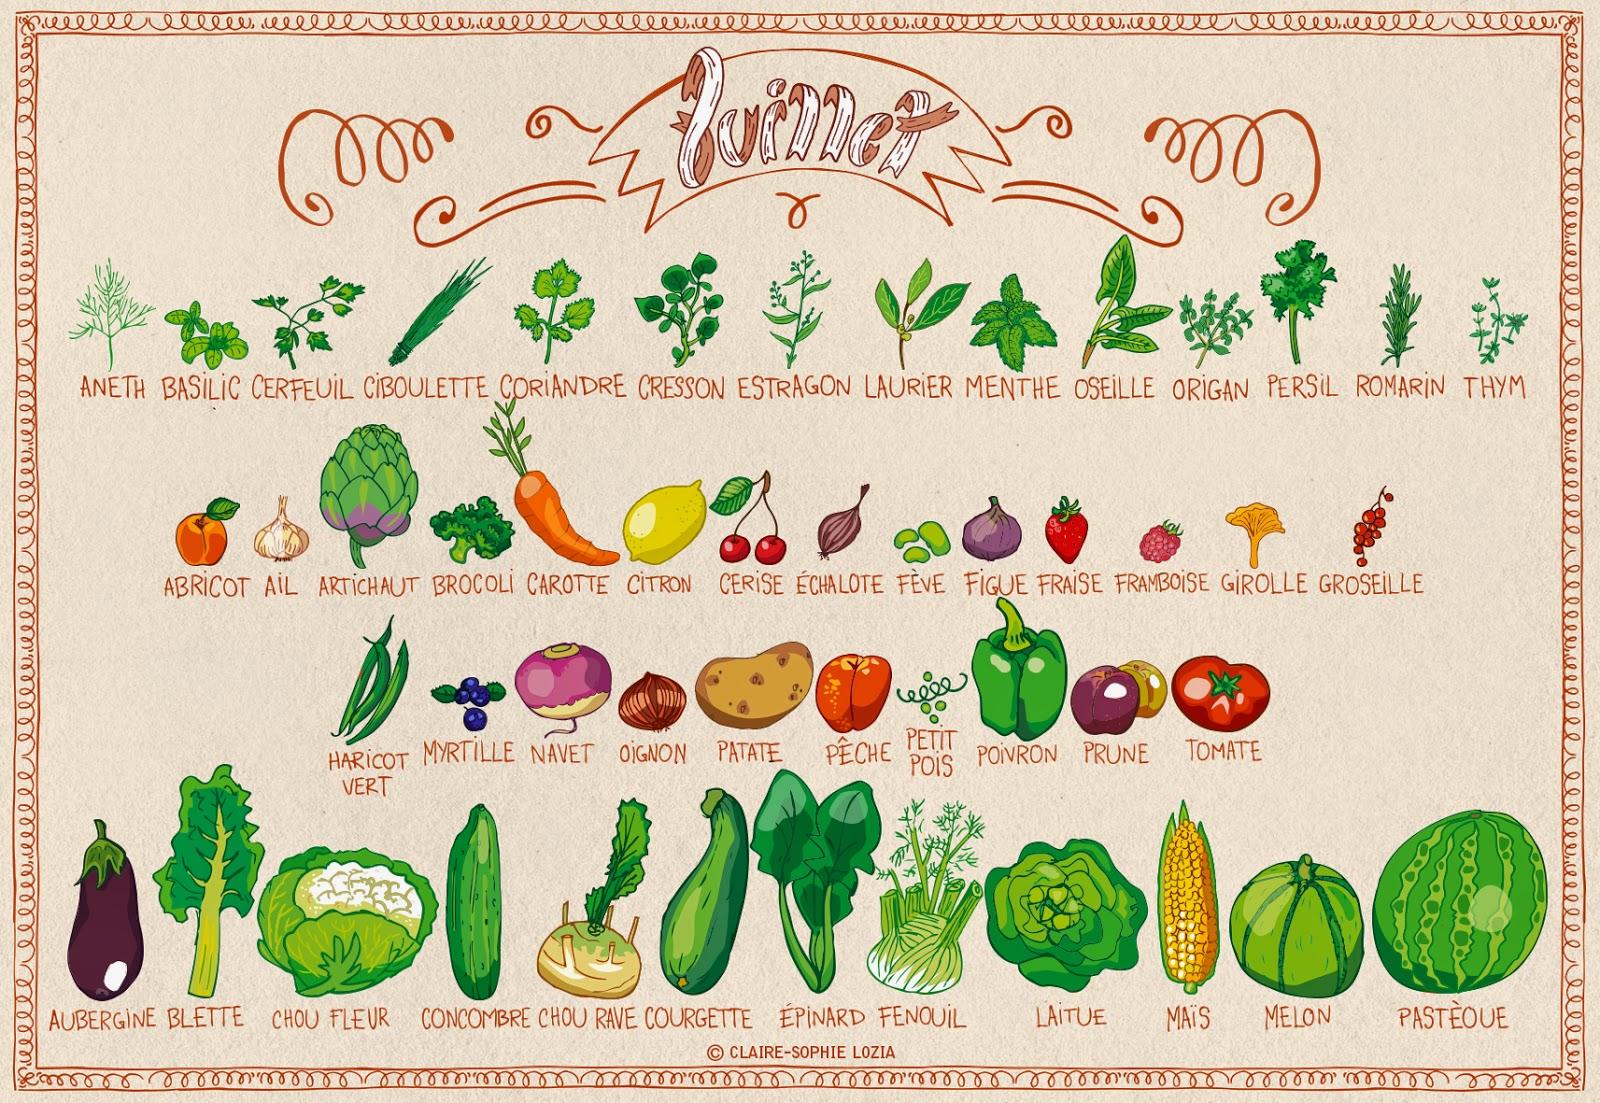 Calendrier fruits et legumes de juillet